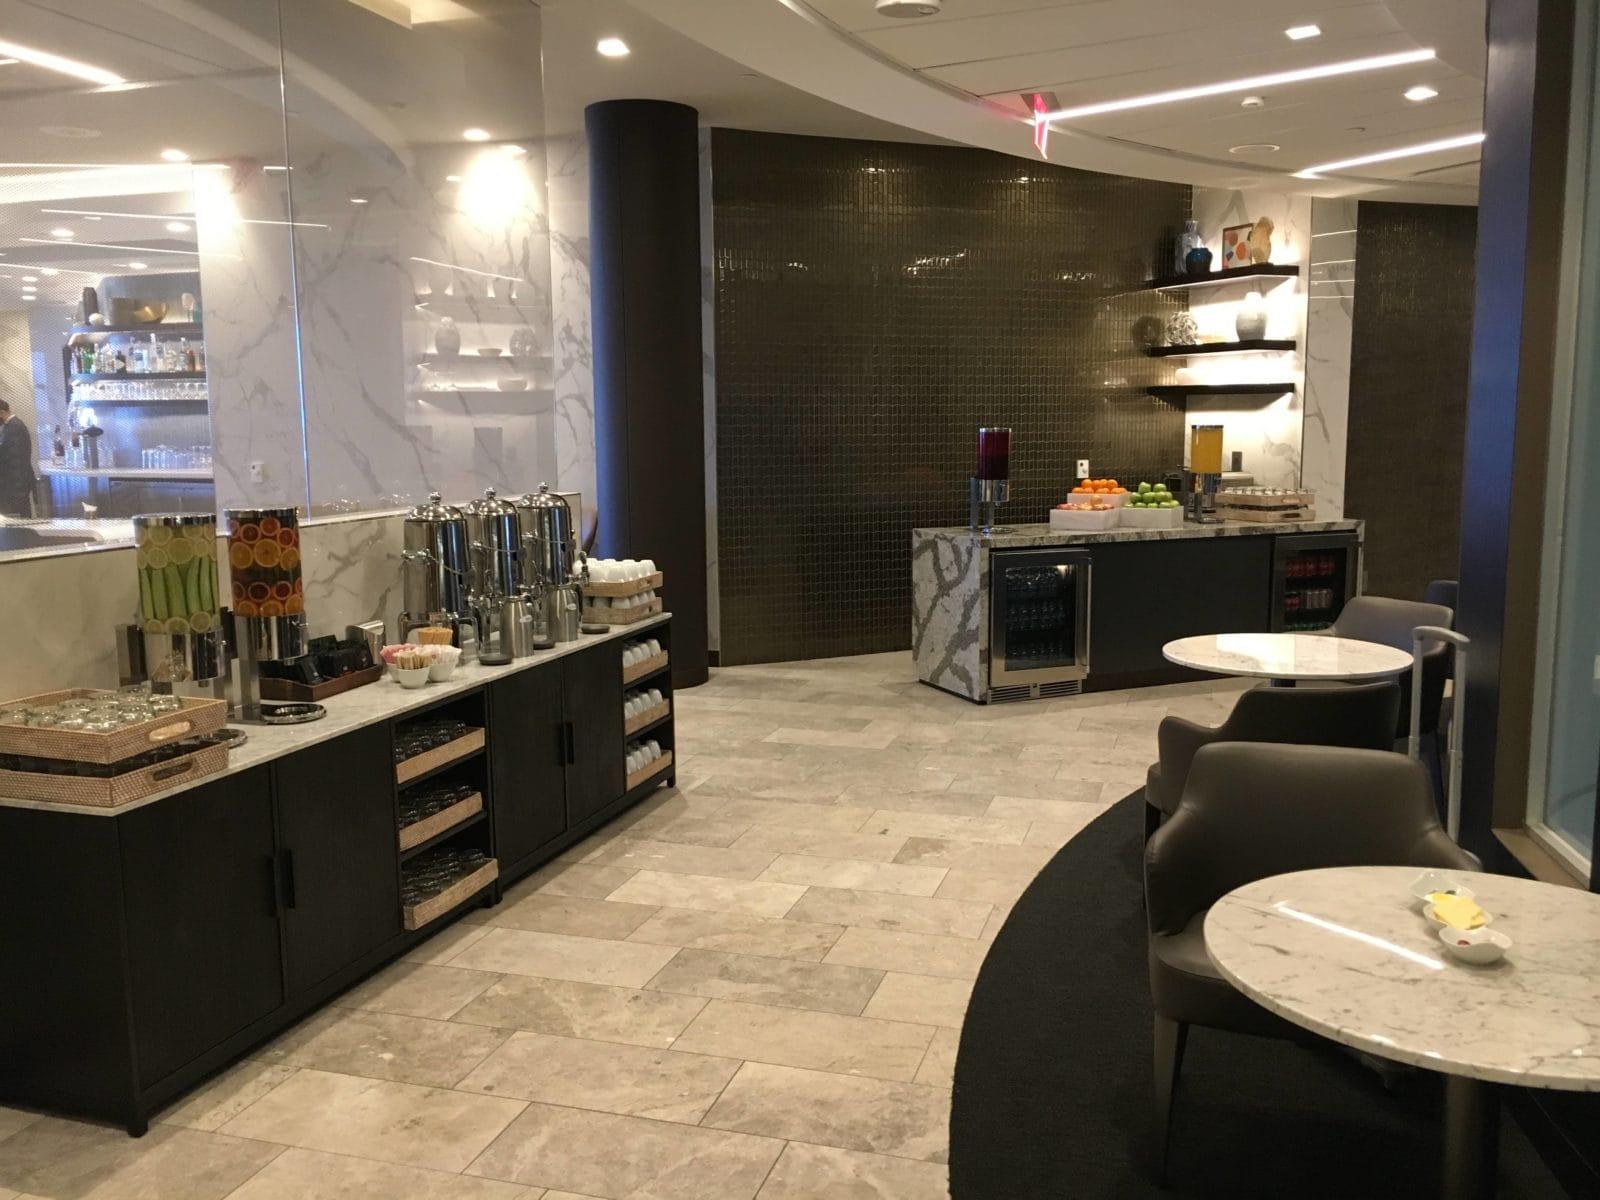 United Polaris Lounge LAX - Getränkestationen und Sitzmöglichkeiten